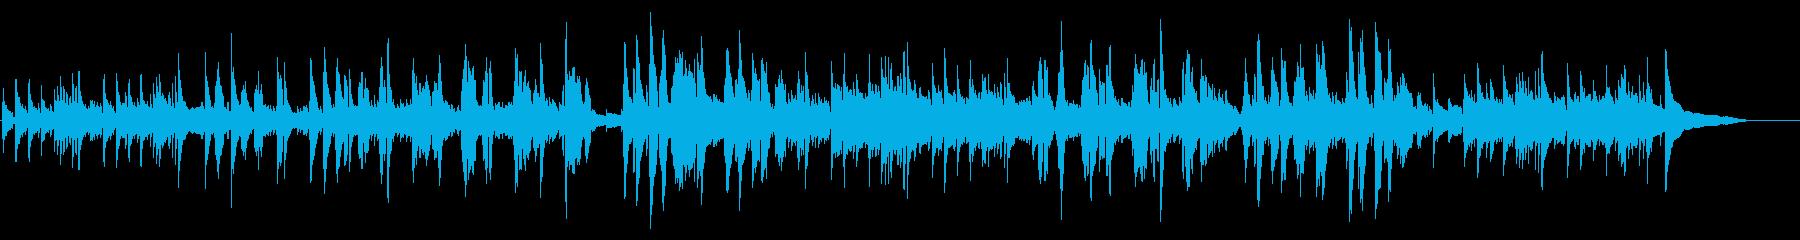 ひとみとひとみの再生済みの波形